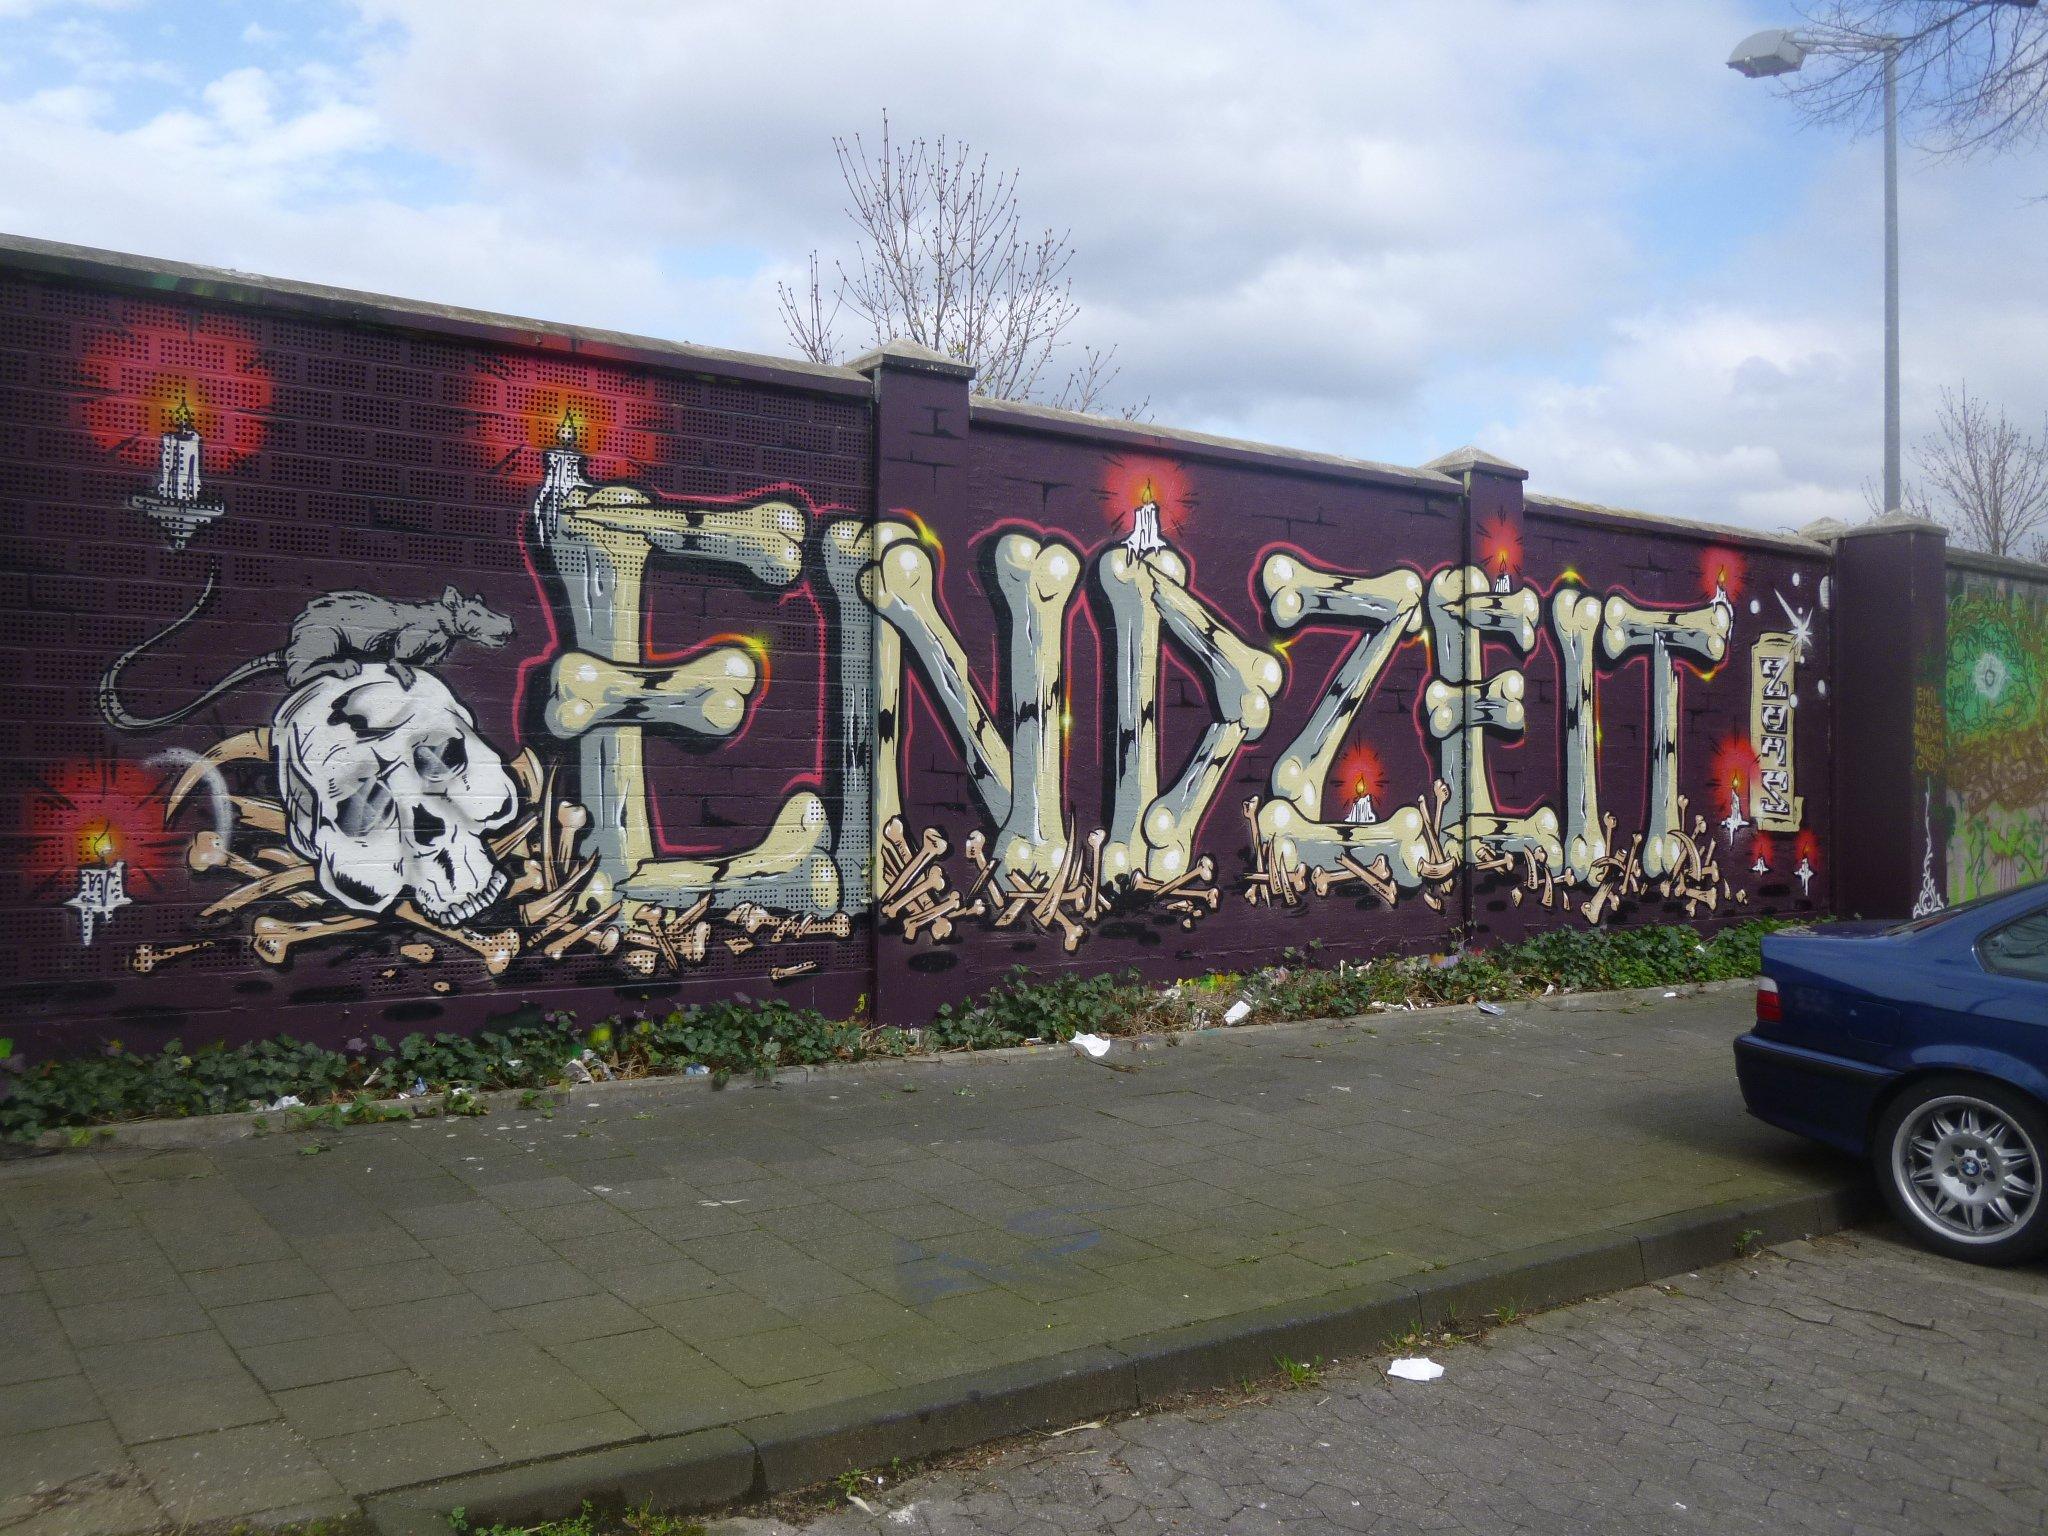 Graffiti - Endzeit